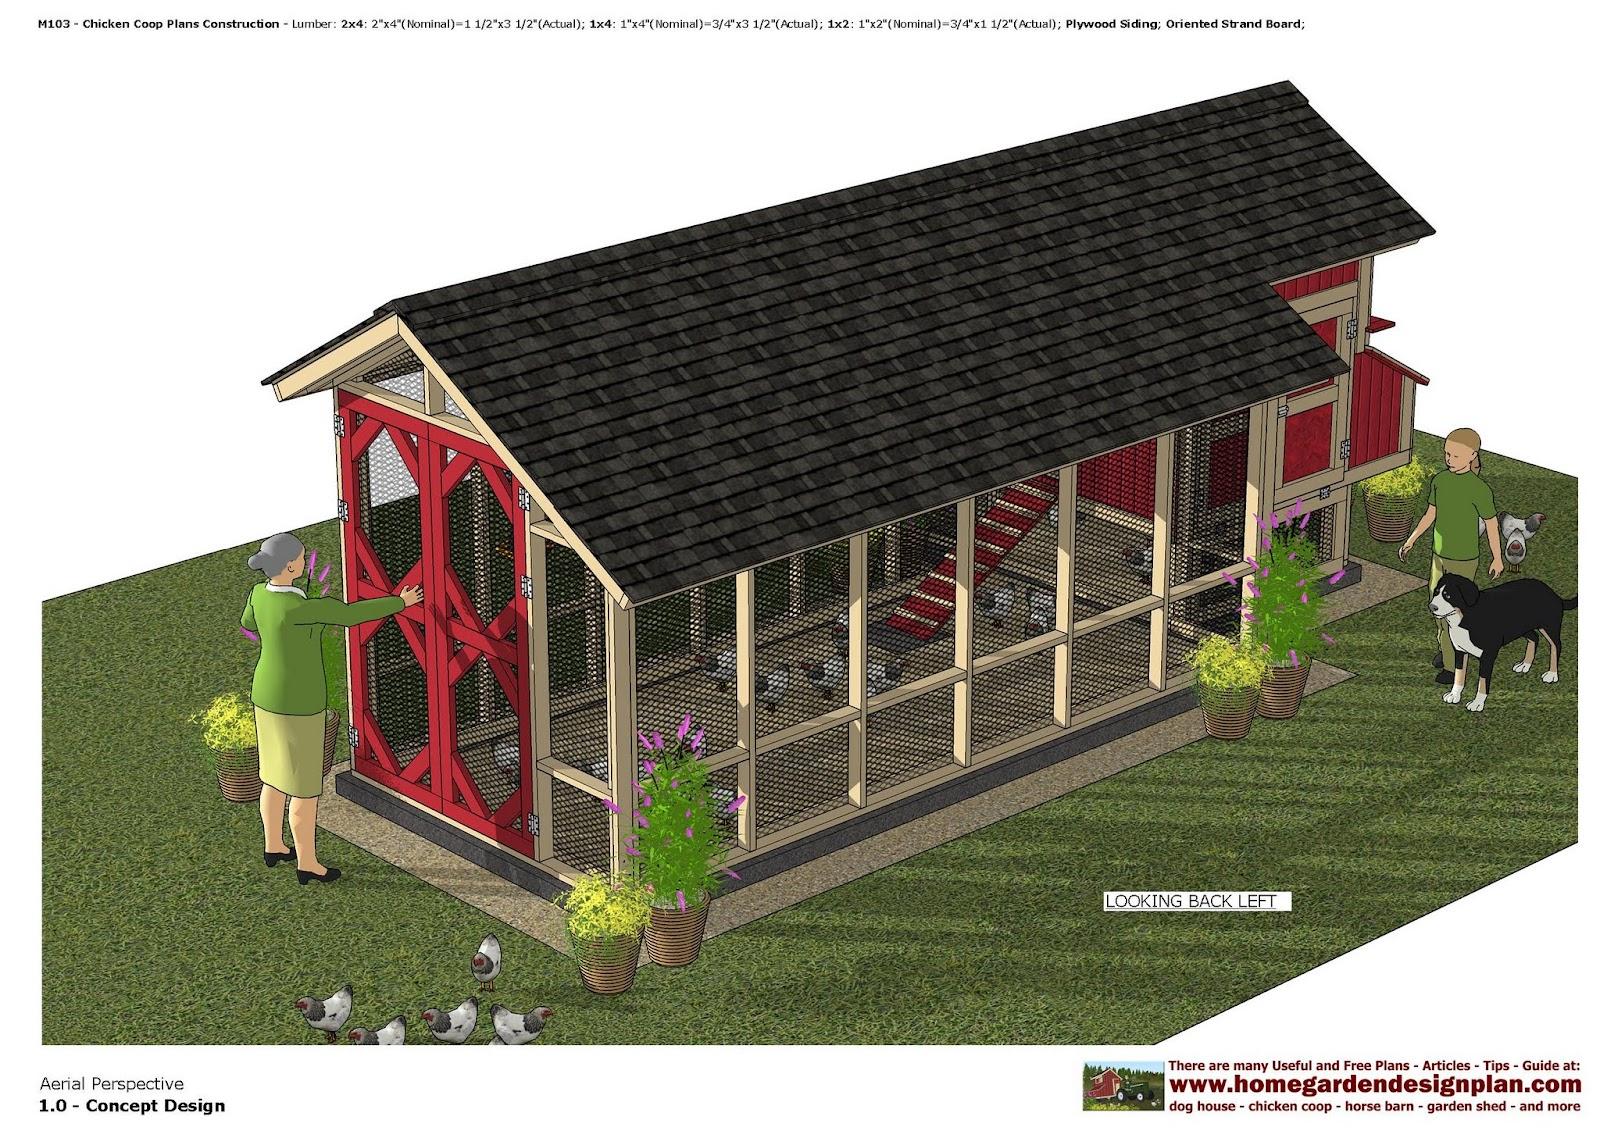 Home garden plans m103 chicken coop plans chicken for Chicken coop designs for 3 chickens